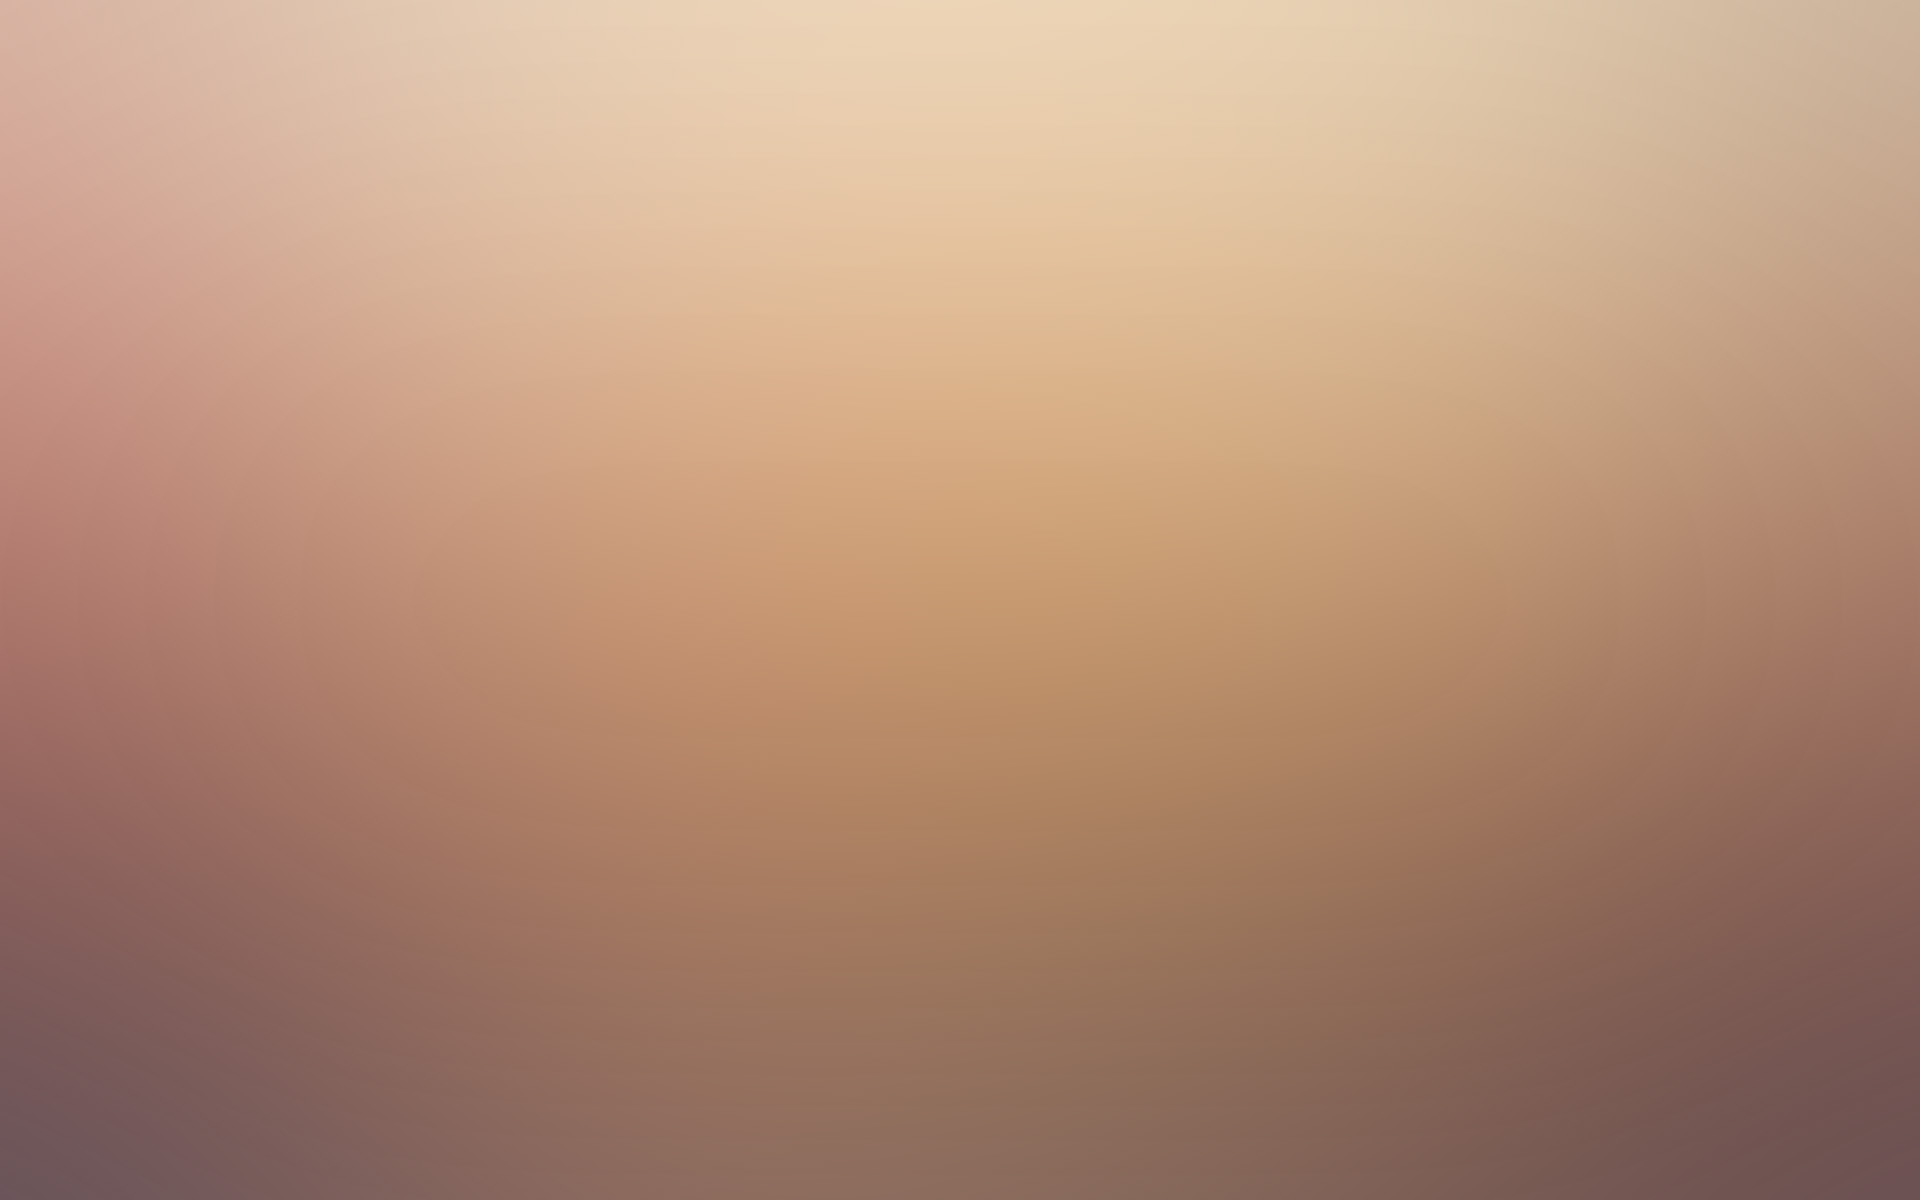 best-blurred-background-wallpaper